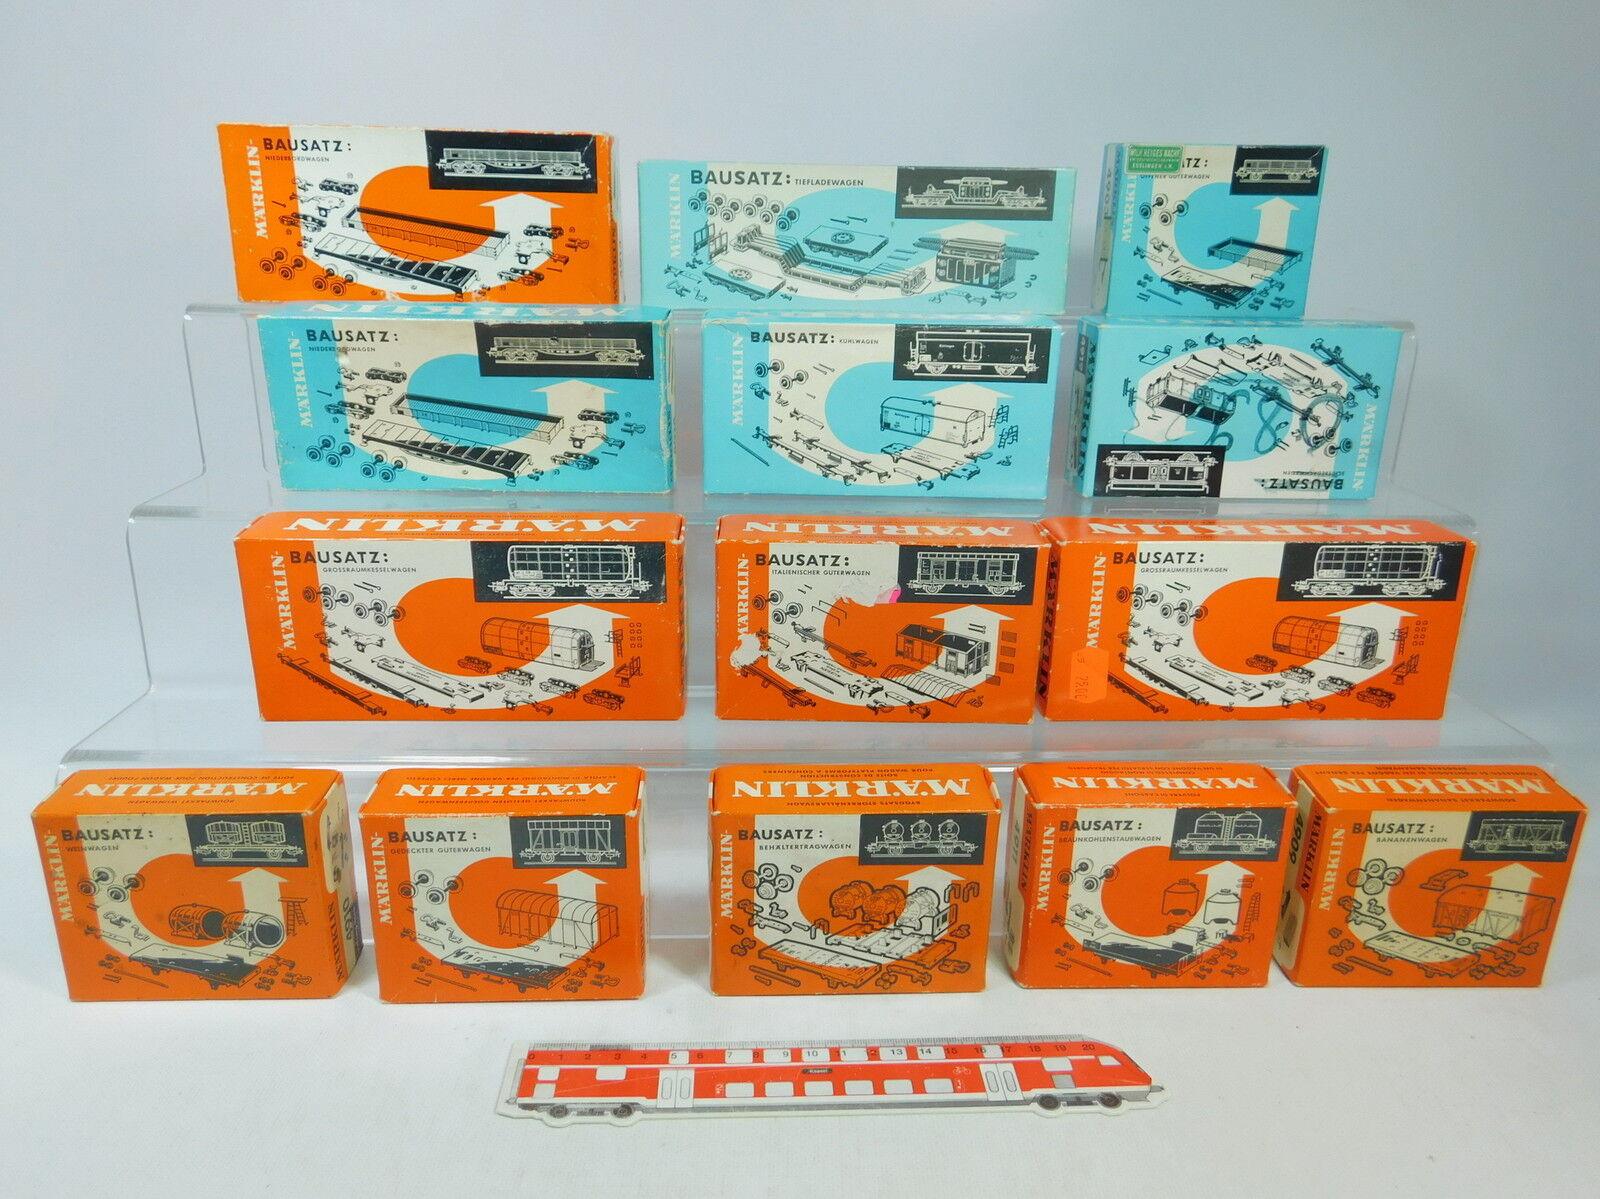 Av417-2x Märklin h0 empty Carton  4914+4921+4950+4905+4910+4918+4903 etc